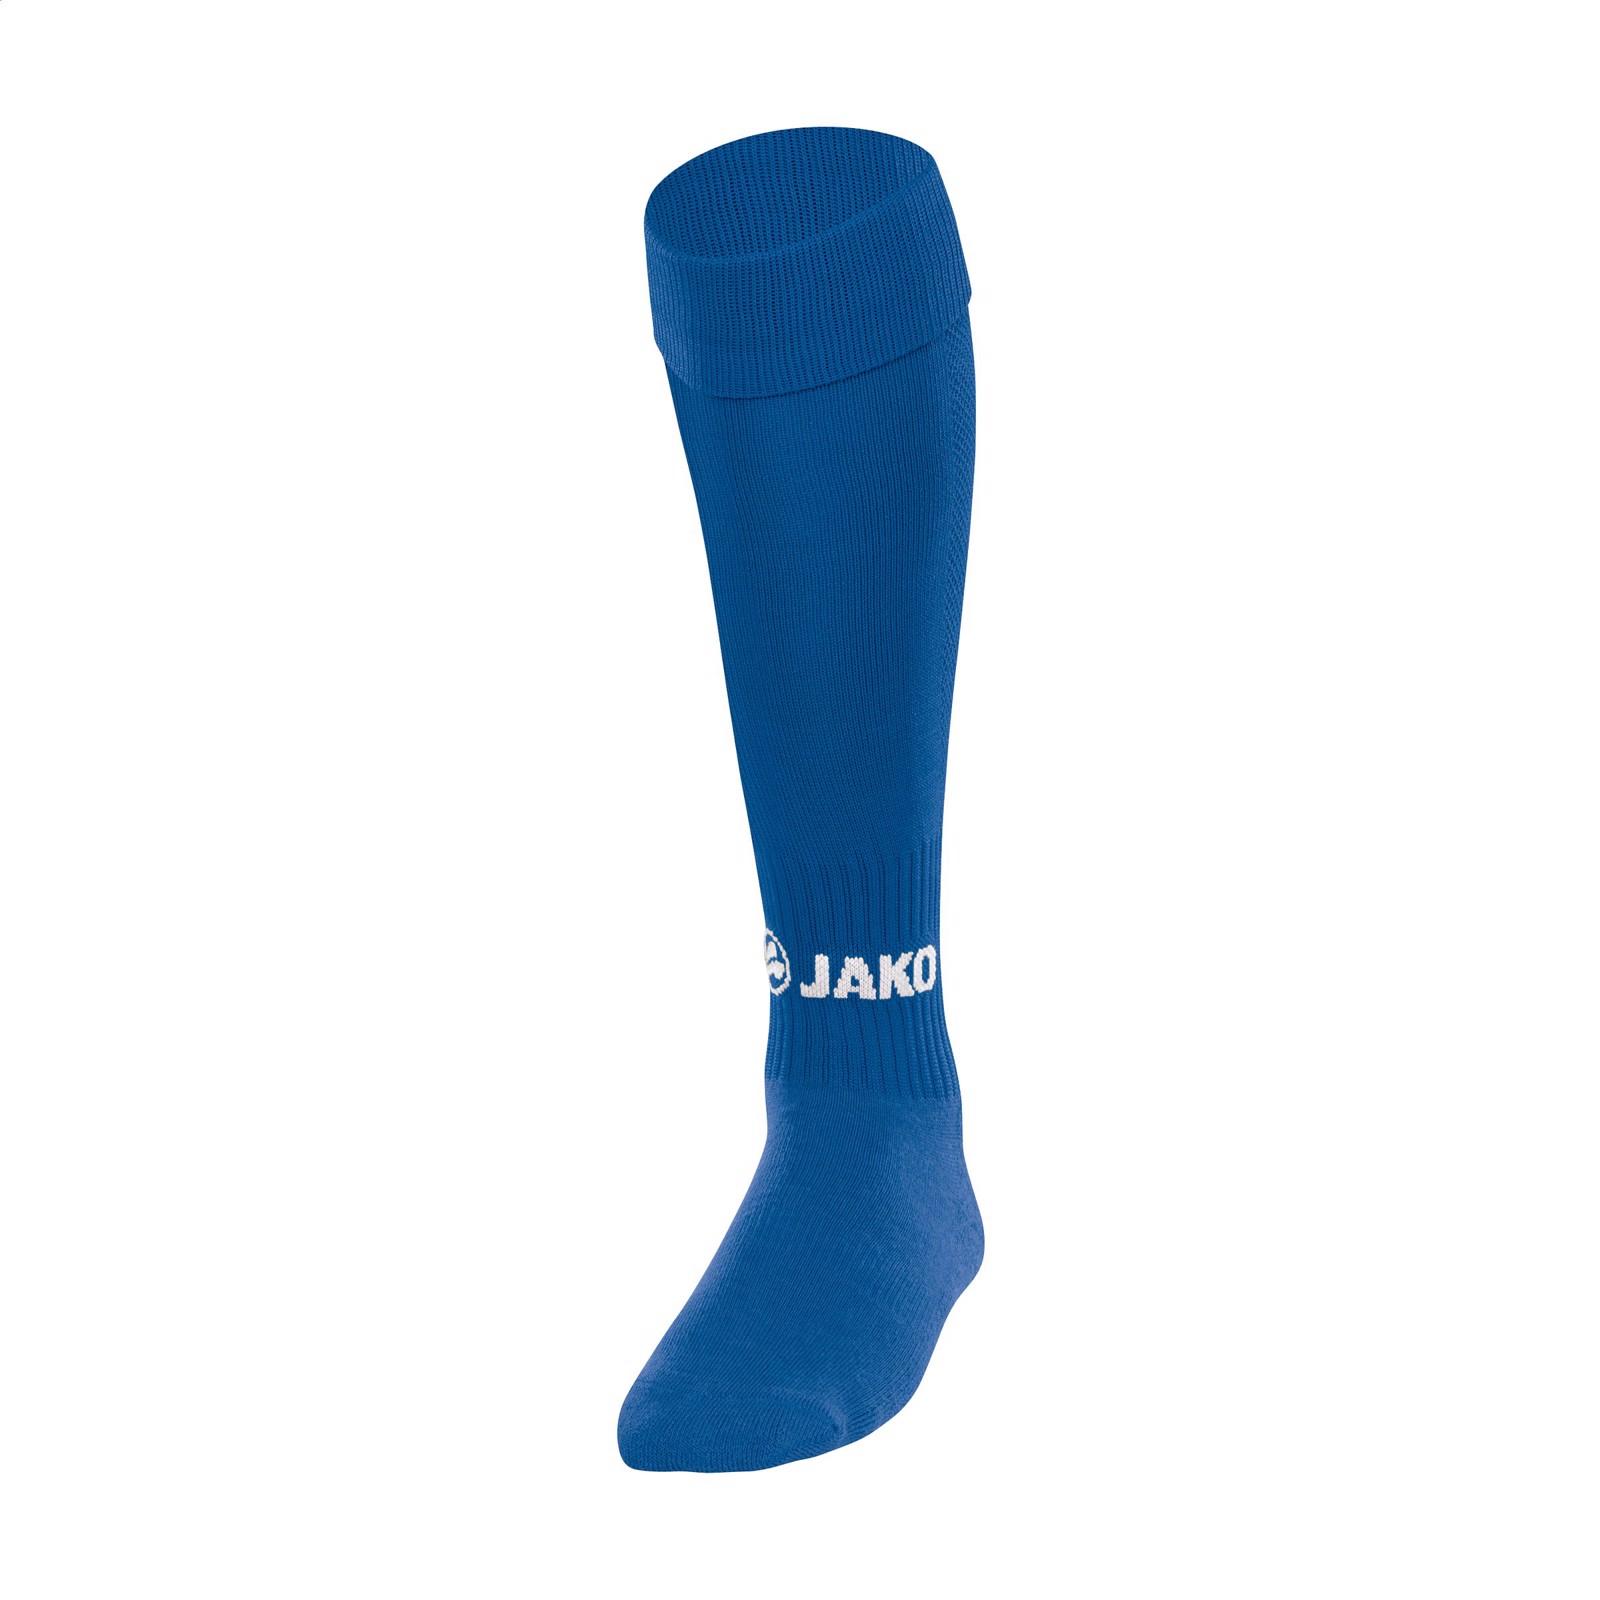 Jako® Glasgow Sport Socks Kids - Cobalt Blue / L